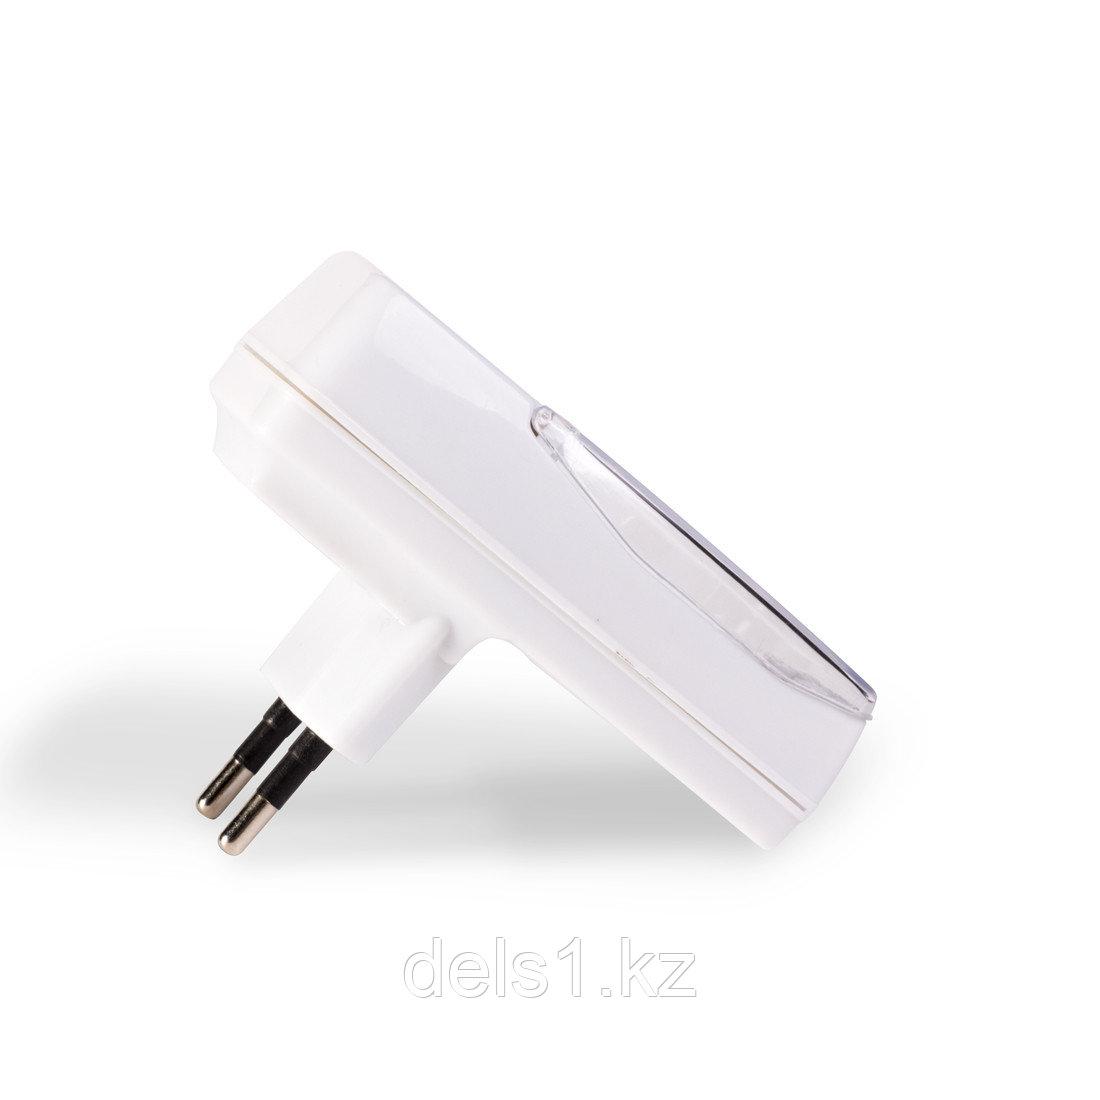 Зарядное устройство, iPower, AA9V, для батареек типа 2*AAA/2*AA/1*9V(крона), Индикаторы заряда, Вход: 220В